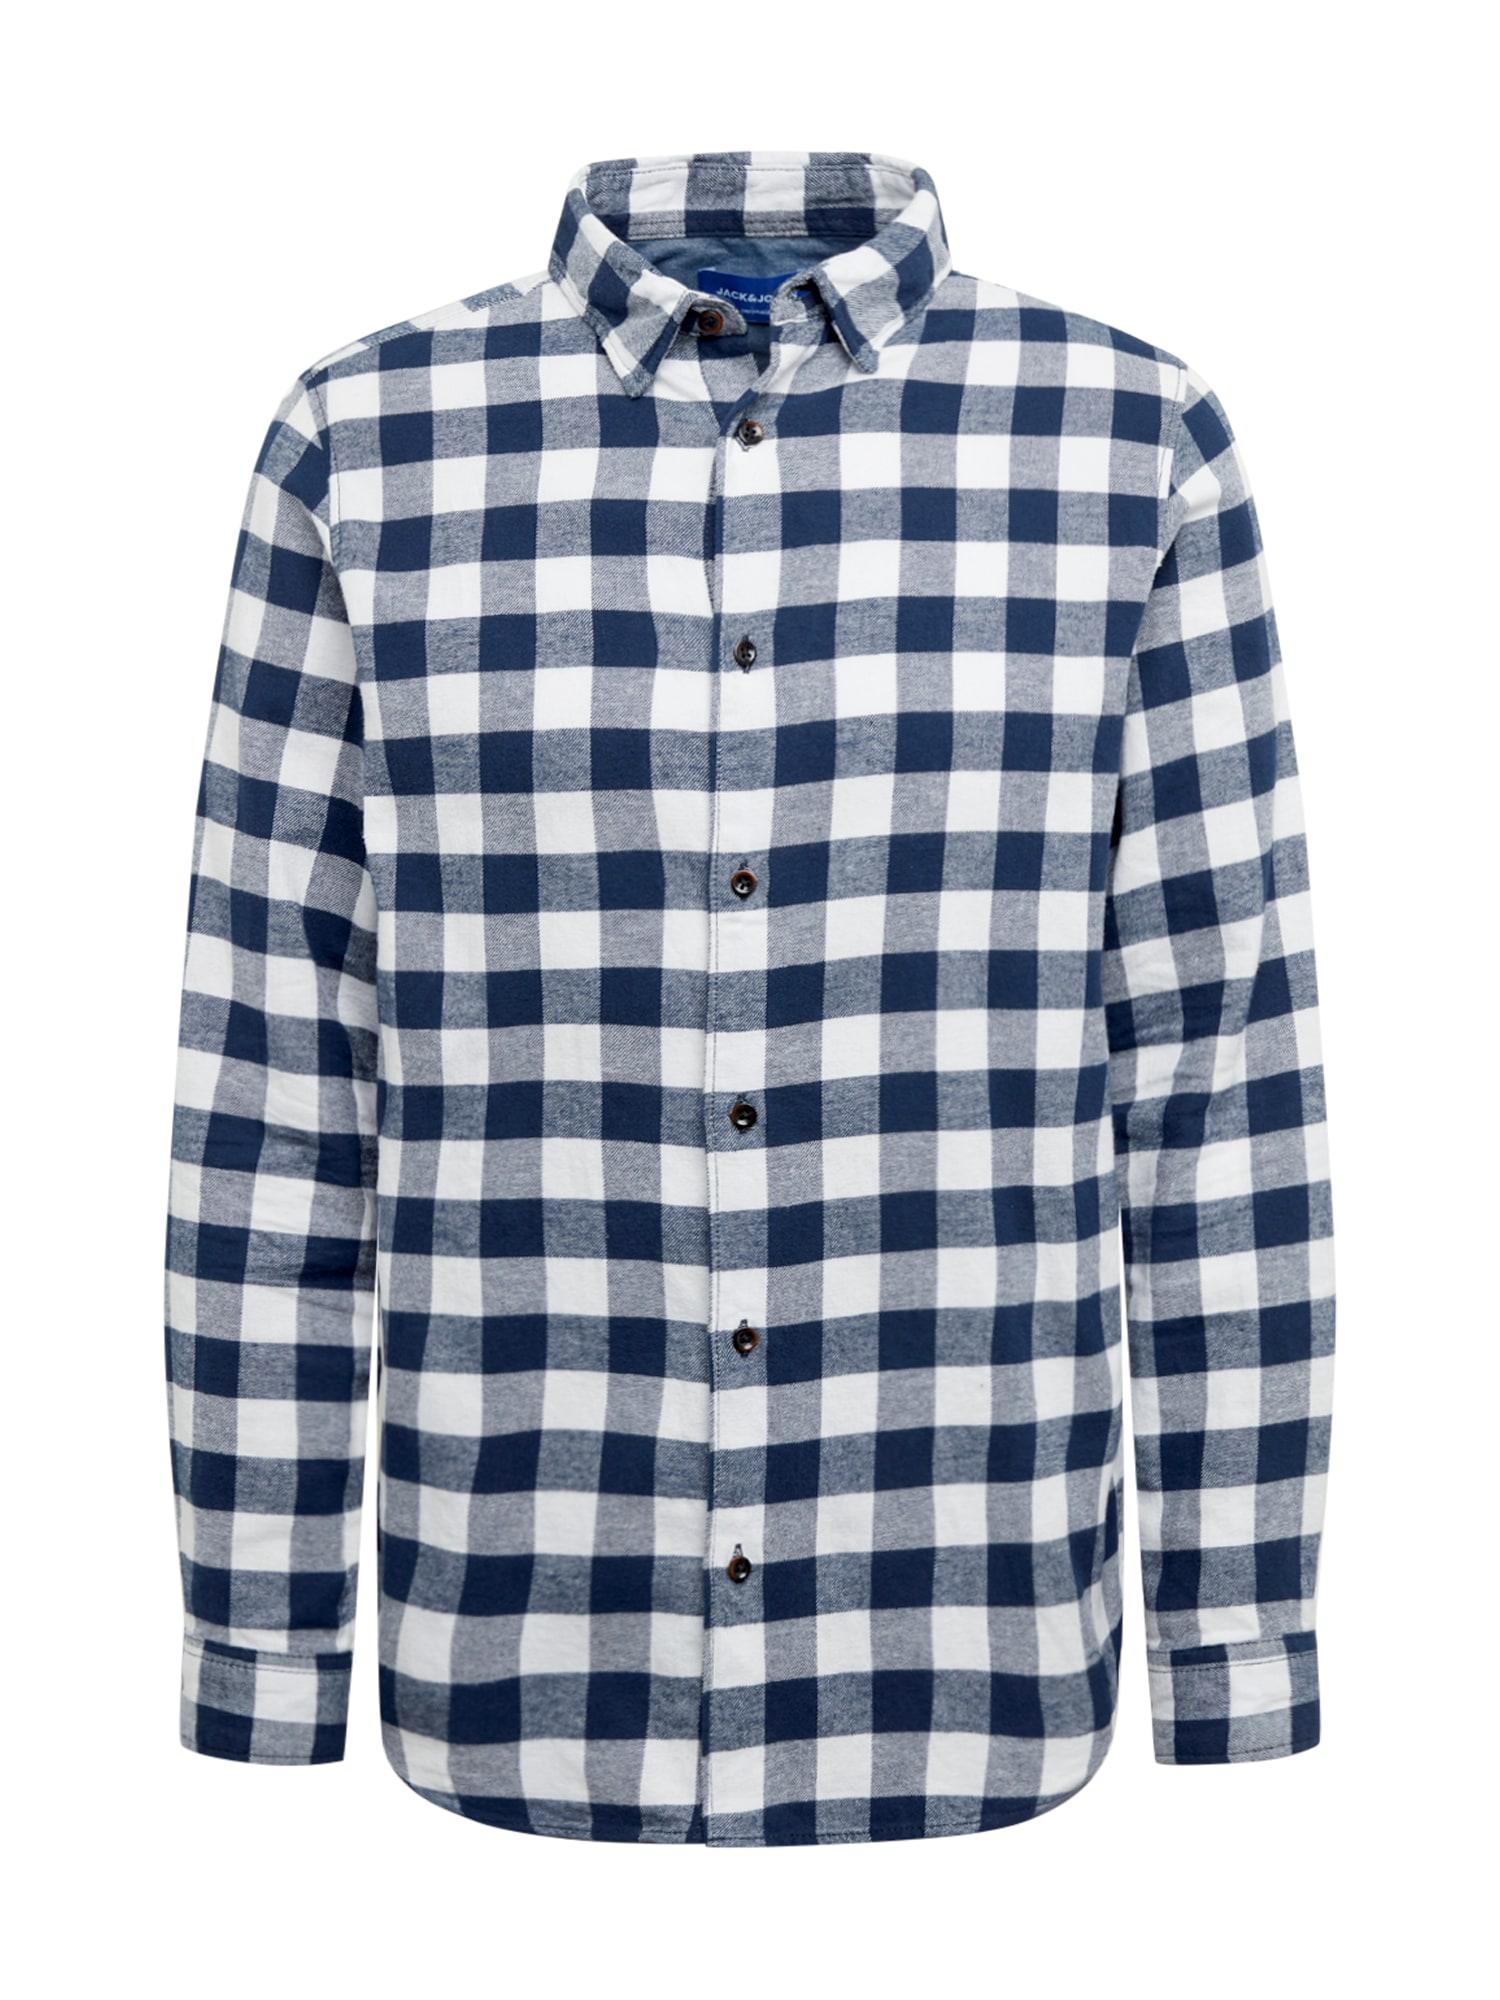 JACK & JONES Marškiniai balta / tamsiai mėlyna